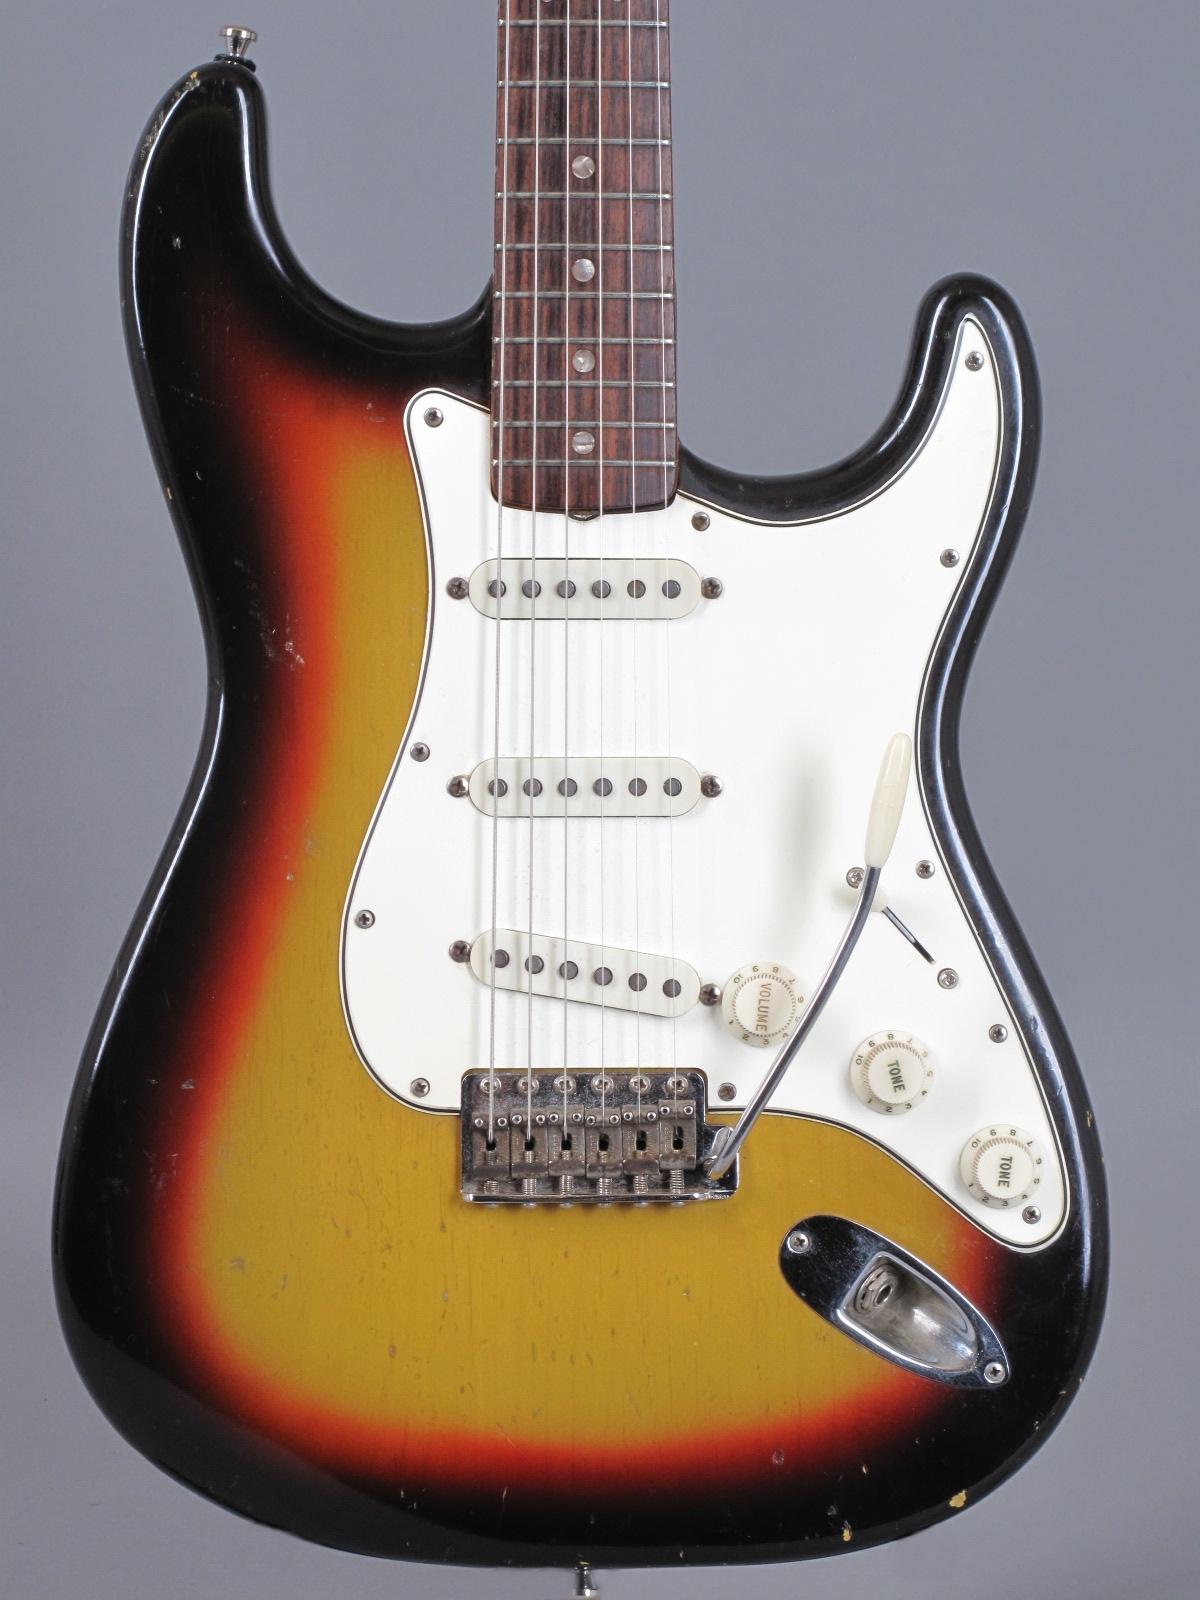 1966 Fender Stratocaster - 3-tone Sunburst